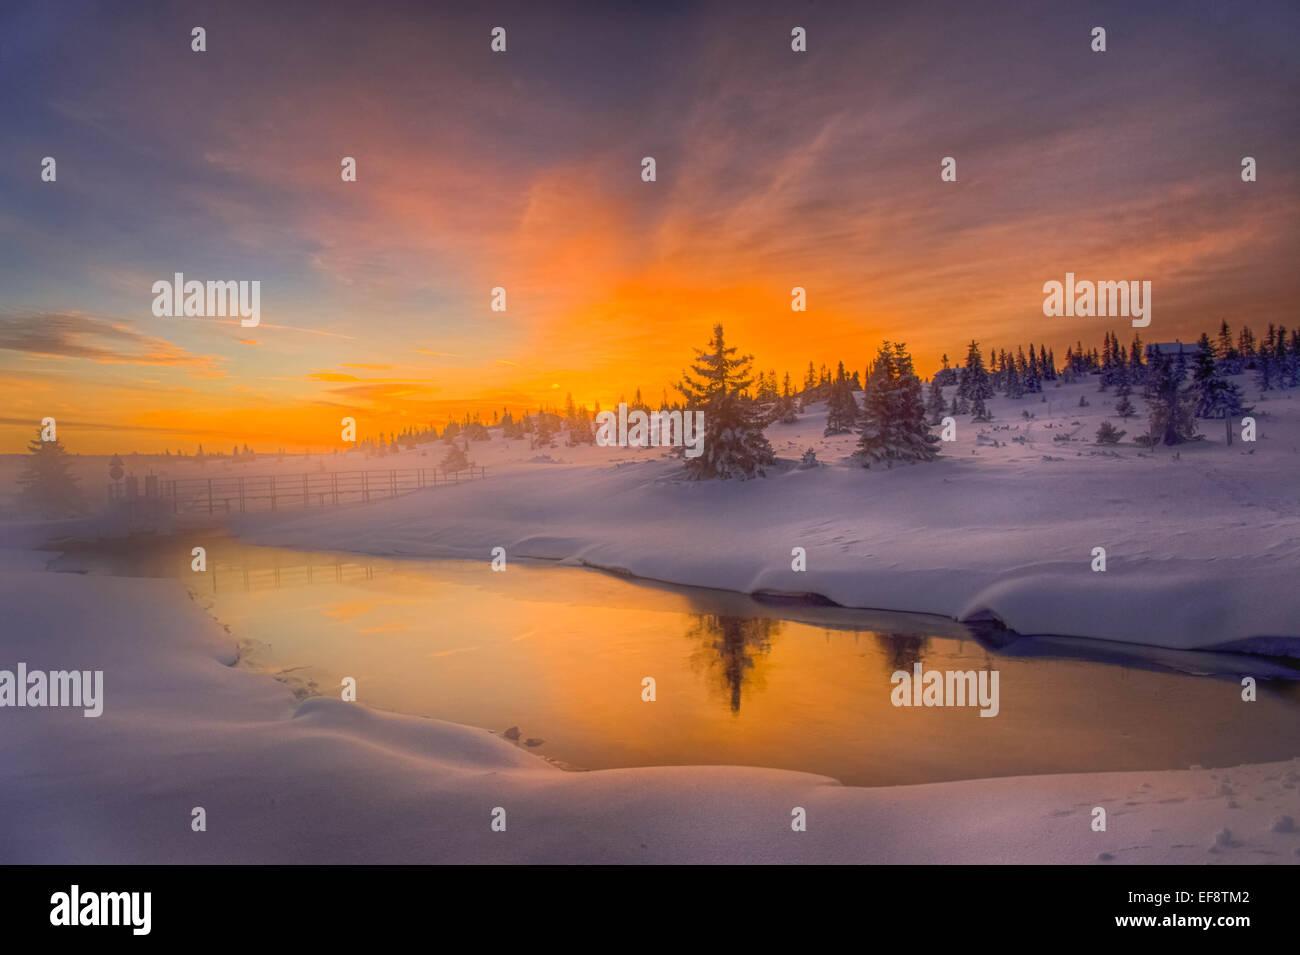 La Norvège, Namsos, paysage d'hiver avec du brouillard au lever du soleil Photo Stock